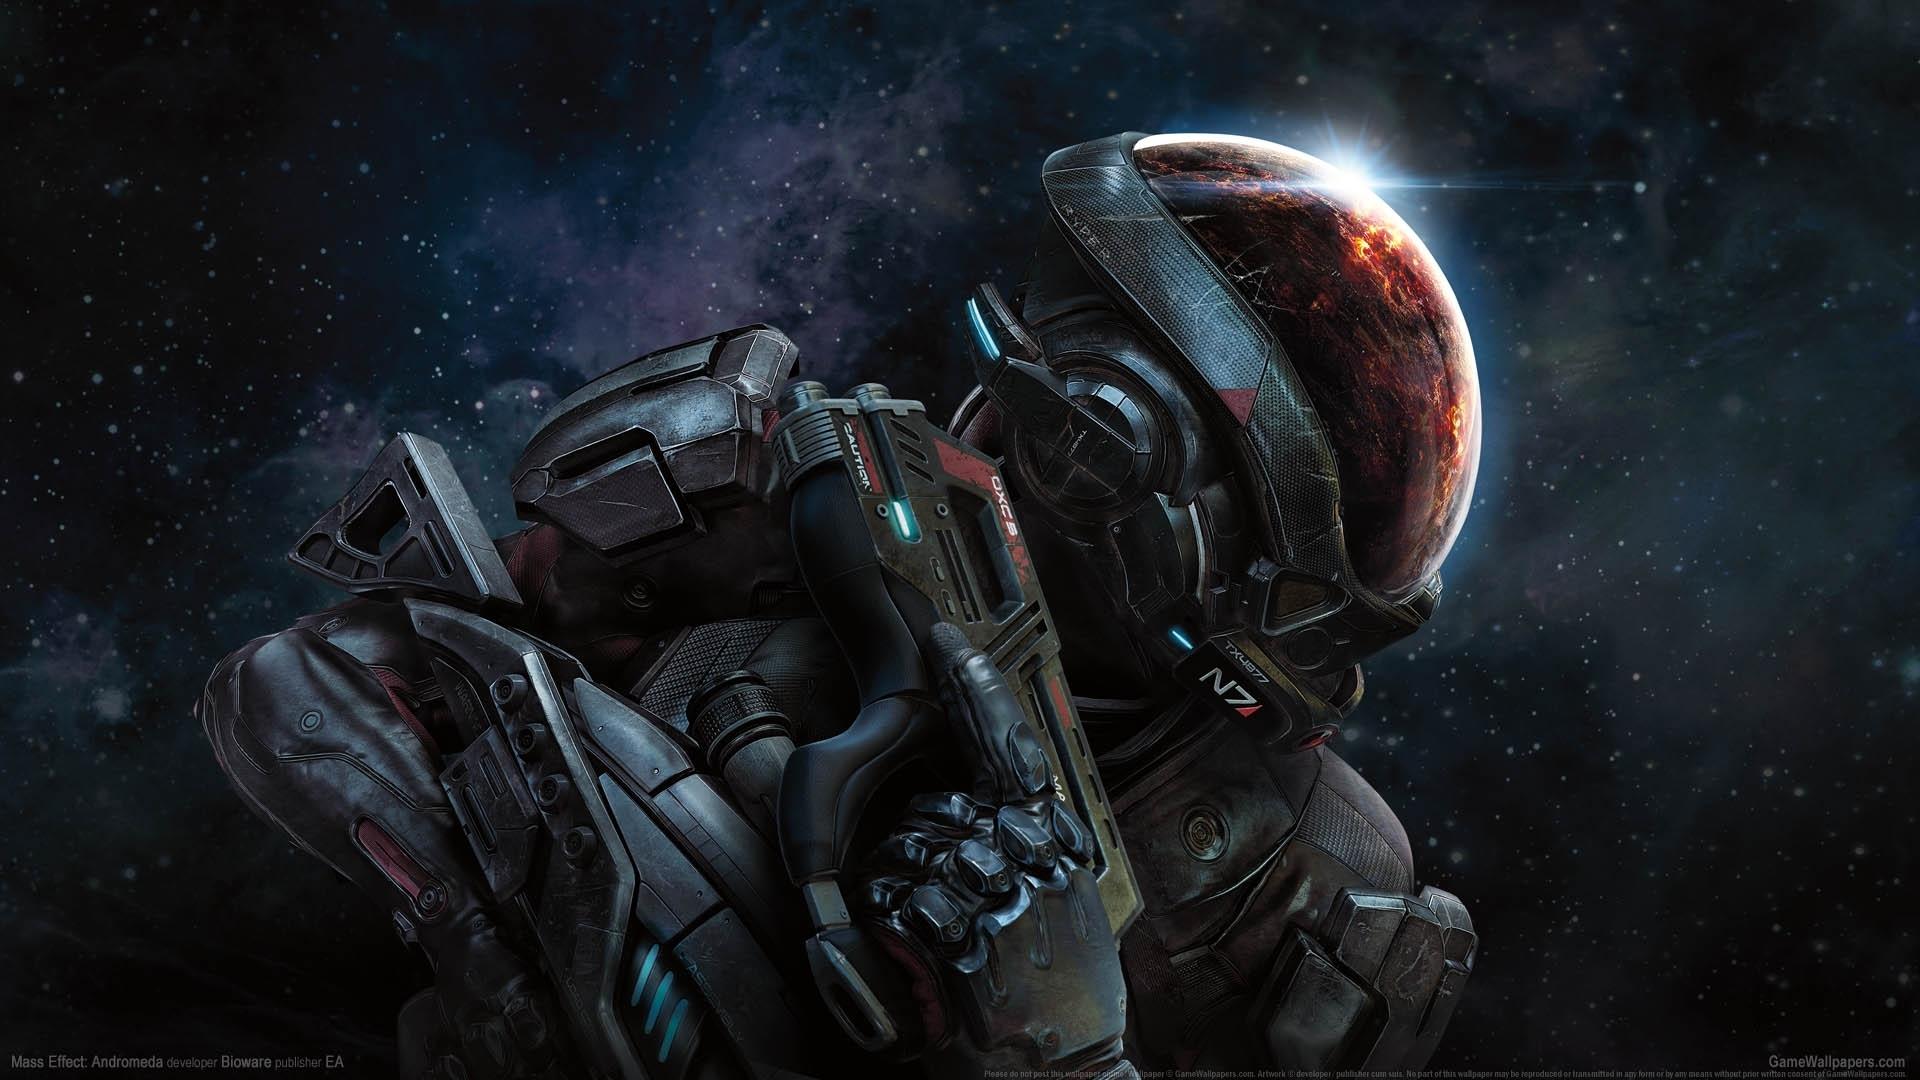 10 Top Mass Effect Wallpaper 1920X1080 FULL HD 1080p For ...